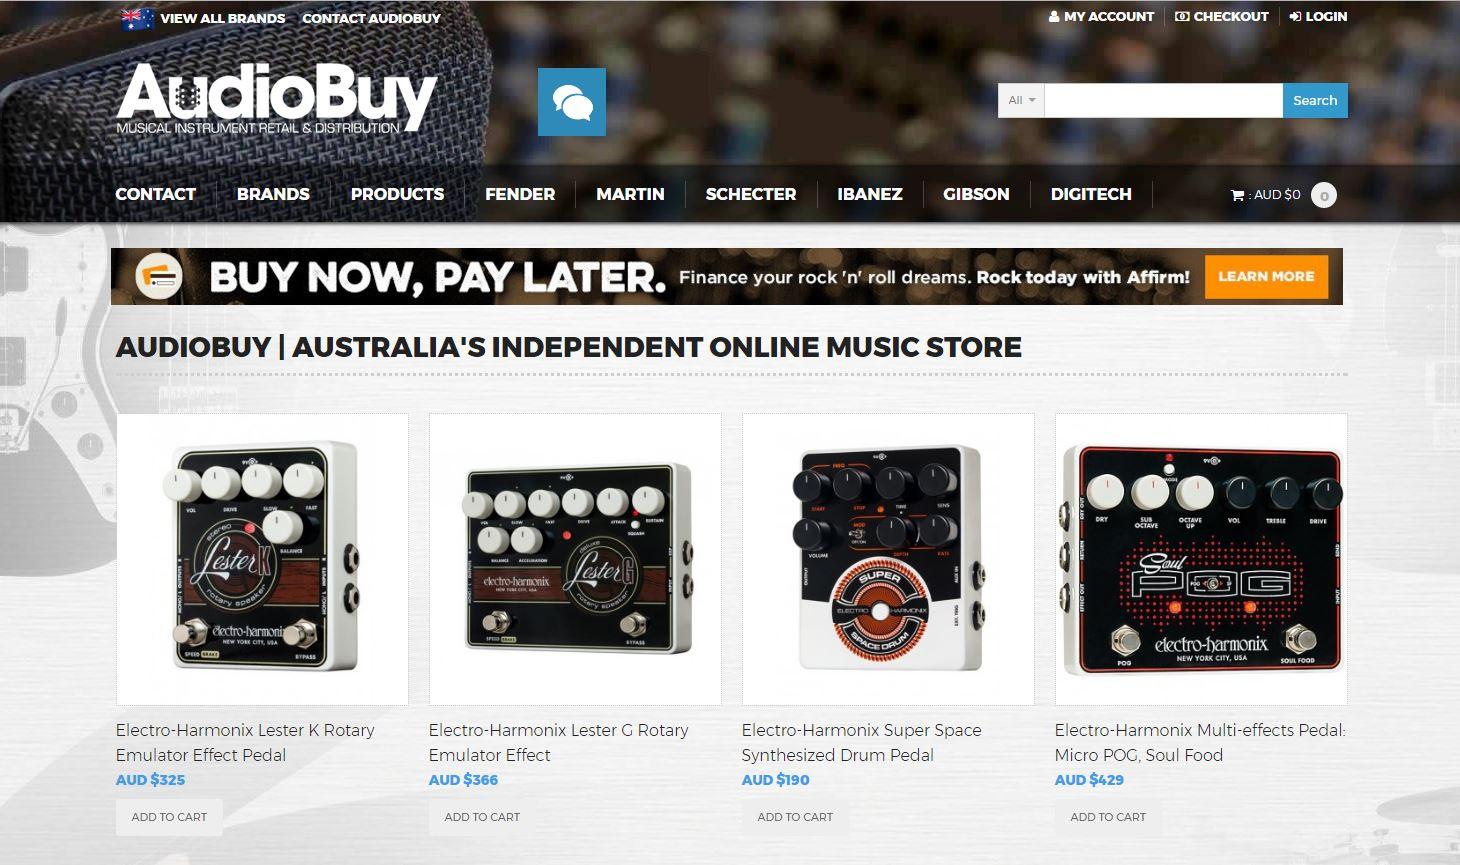 Audiobuy.com.au